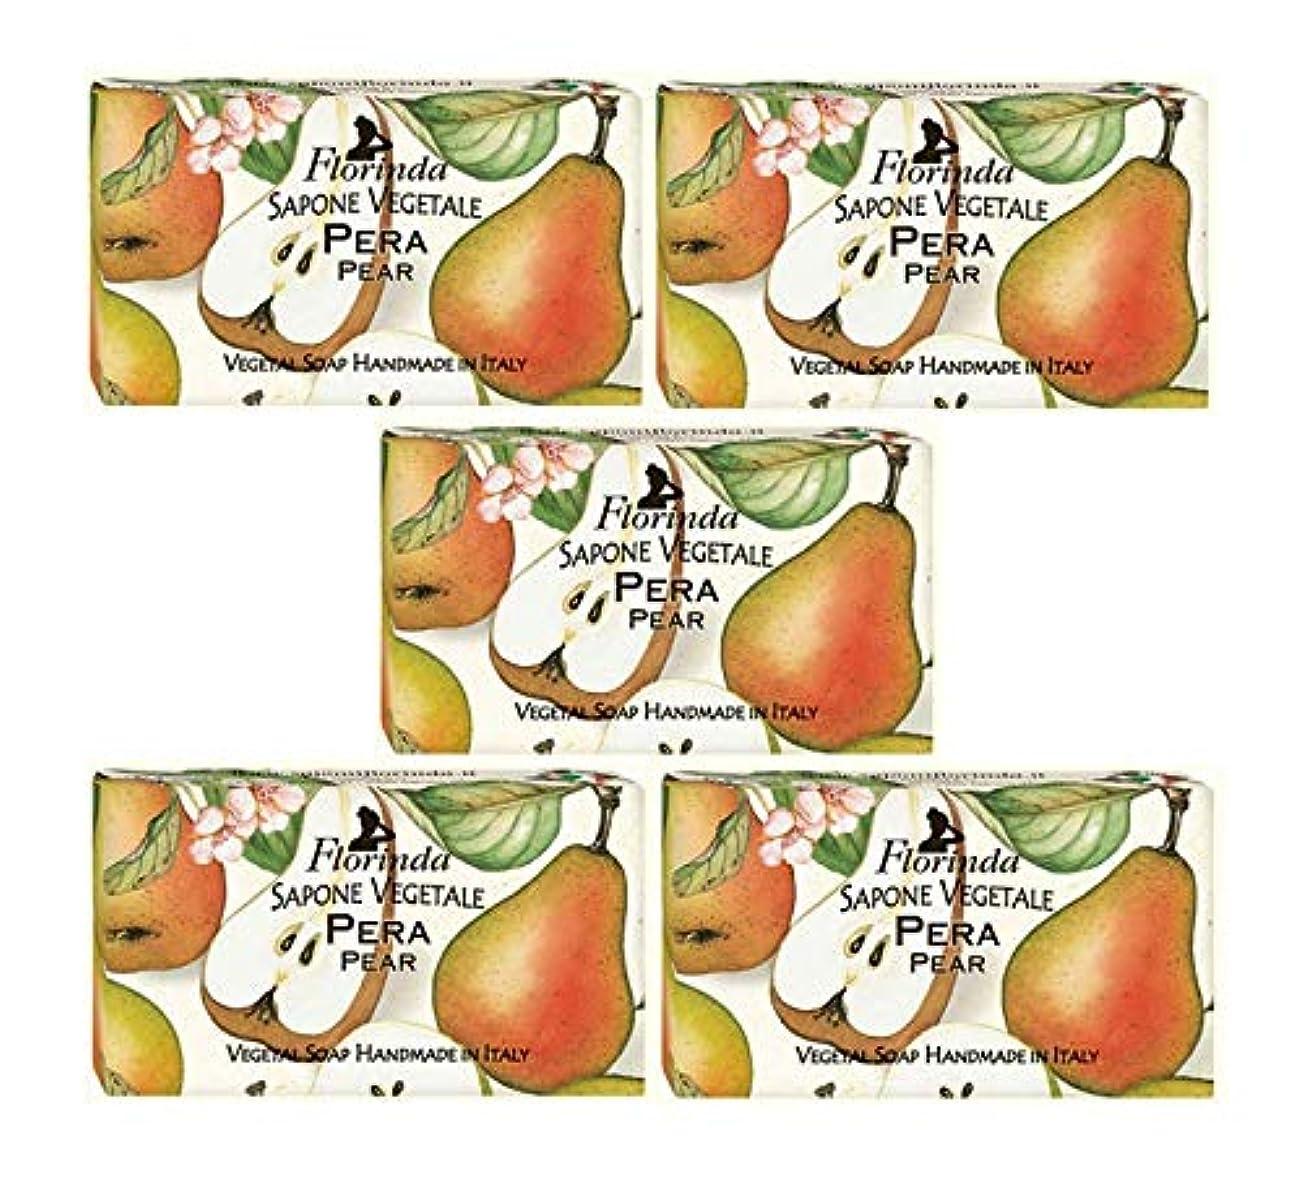 靴下グリース泳ぐフロリンダ フレグランスソープ 固形石けん フルーツの香り ペア 95g×5個セット